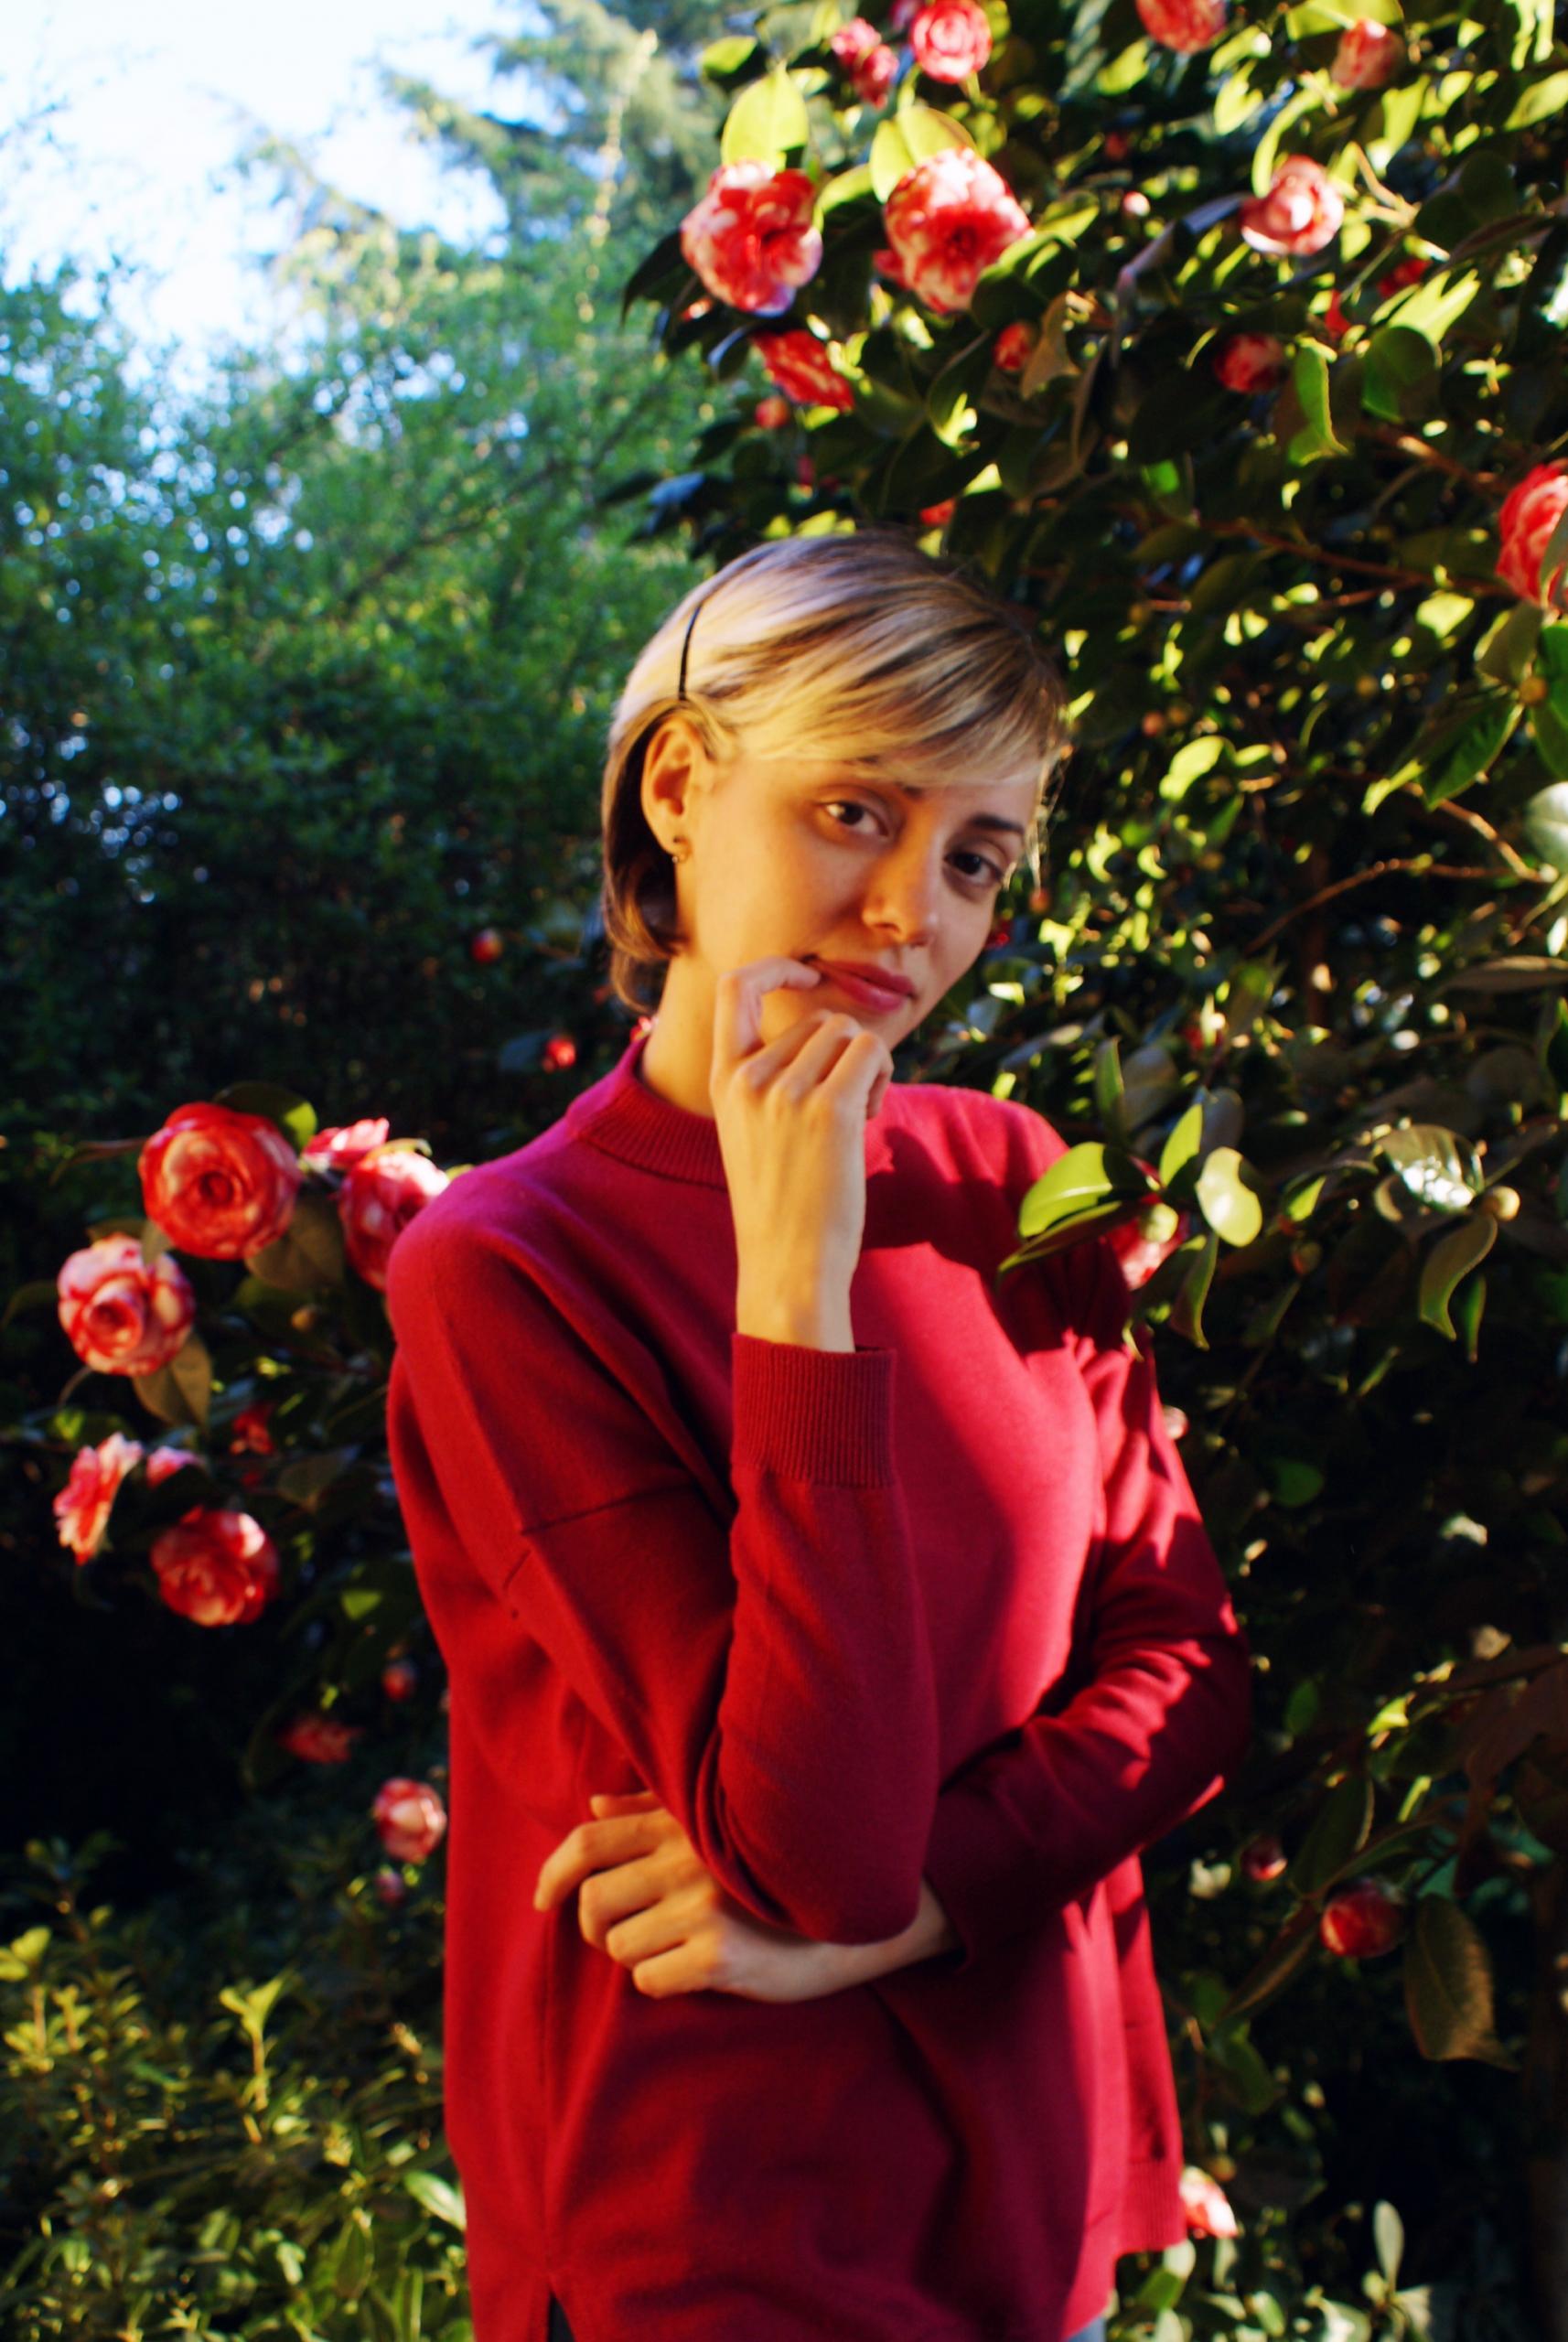 elisa blogger faidate diy lifestyle italia